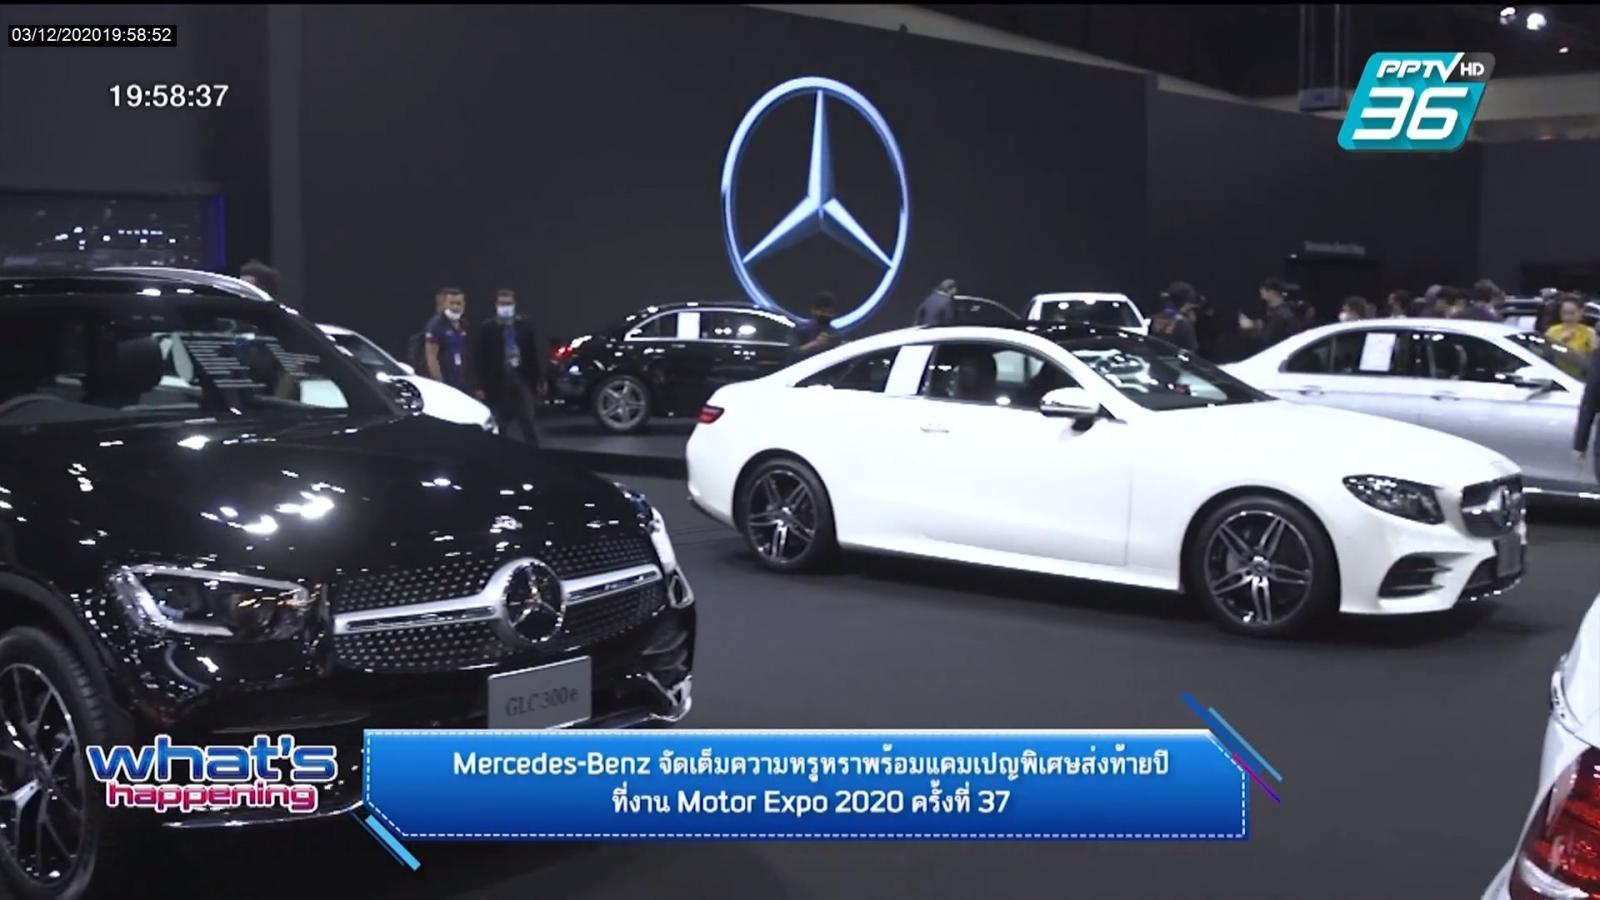 เมอร์เซเดส-เบนซ์ จัดเต็มความหรูหราพร้อมแคมเปญพิเศษส่งท้ายปี Motor Expo 2020 ครั้งที่ 37